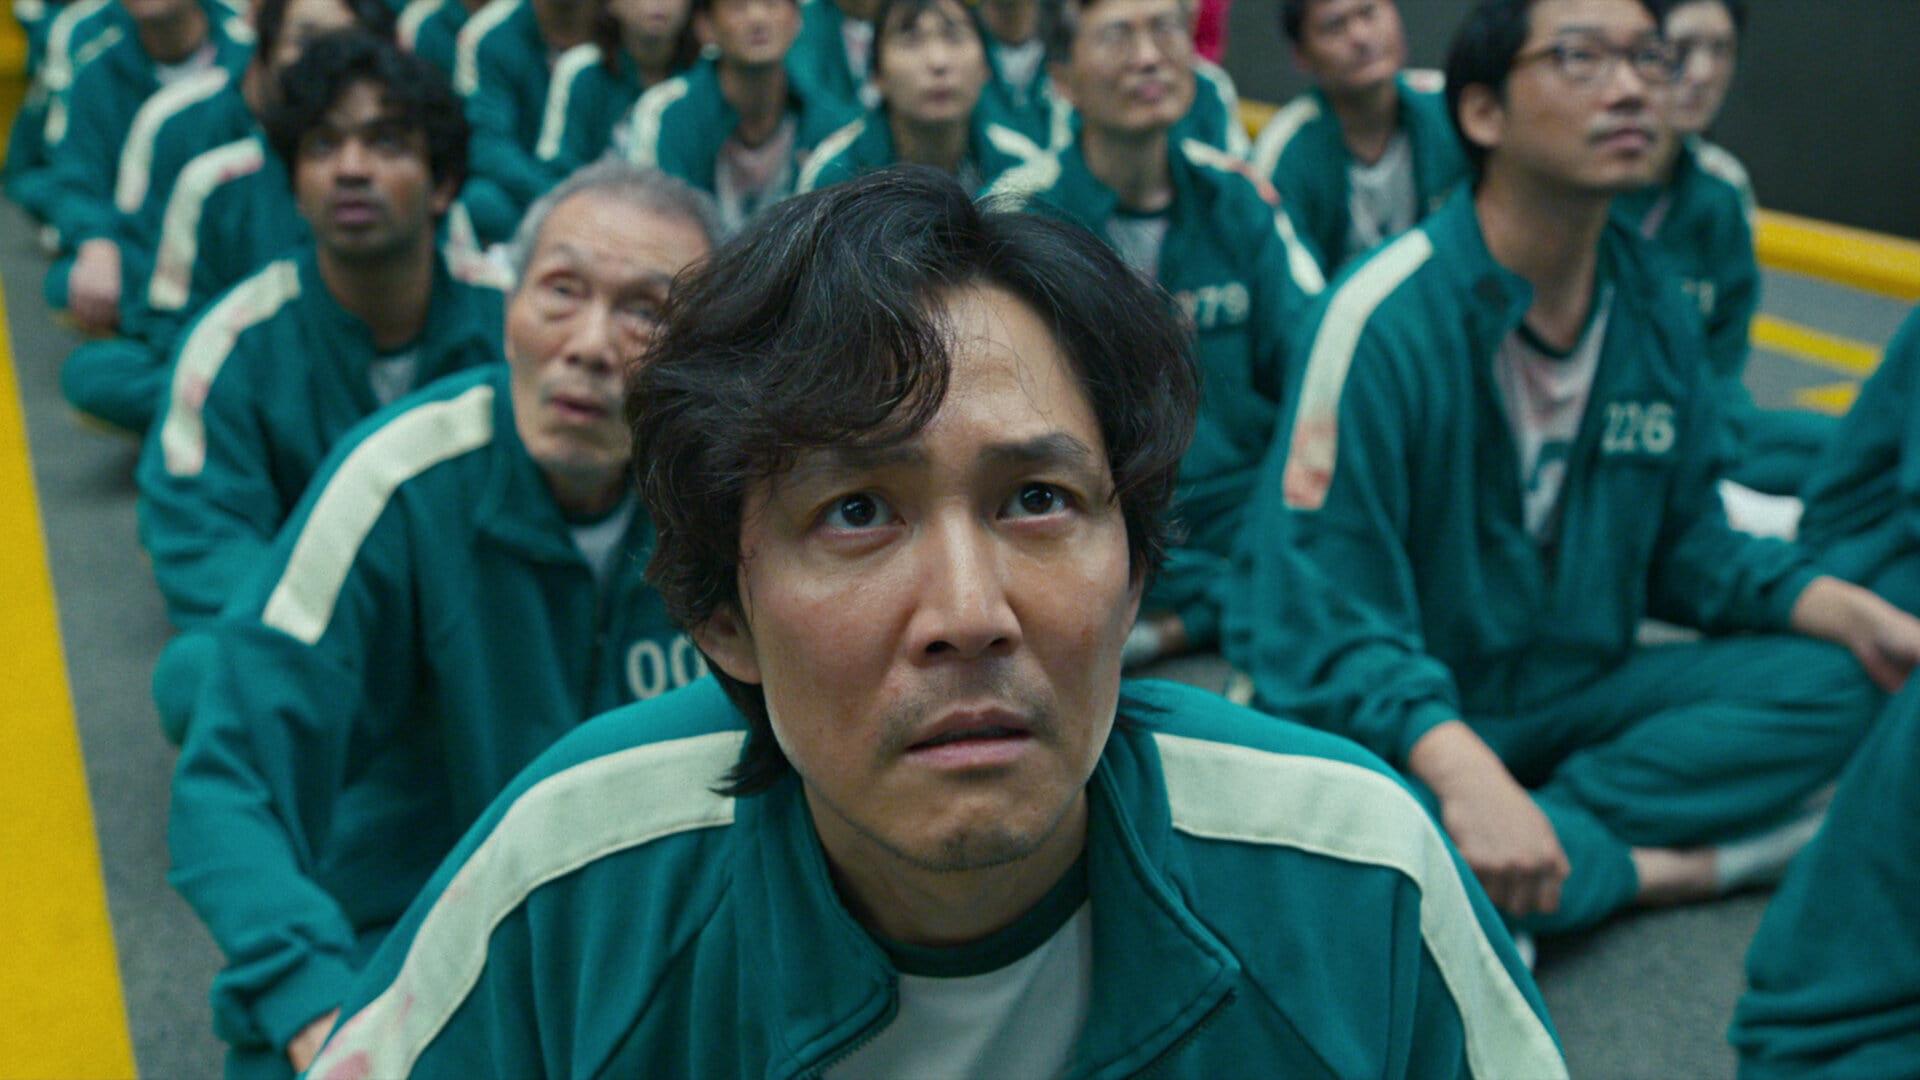 """Сериал """"Игра в кальмара"""" стал самым популярным за всю историю Netflix - фото №2"""